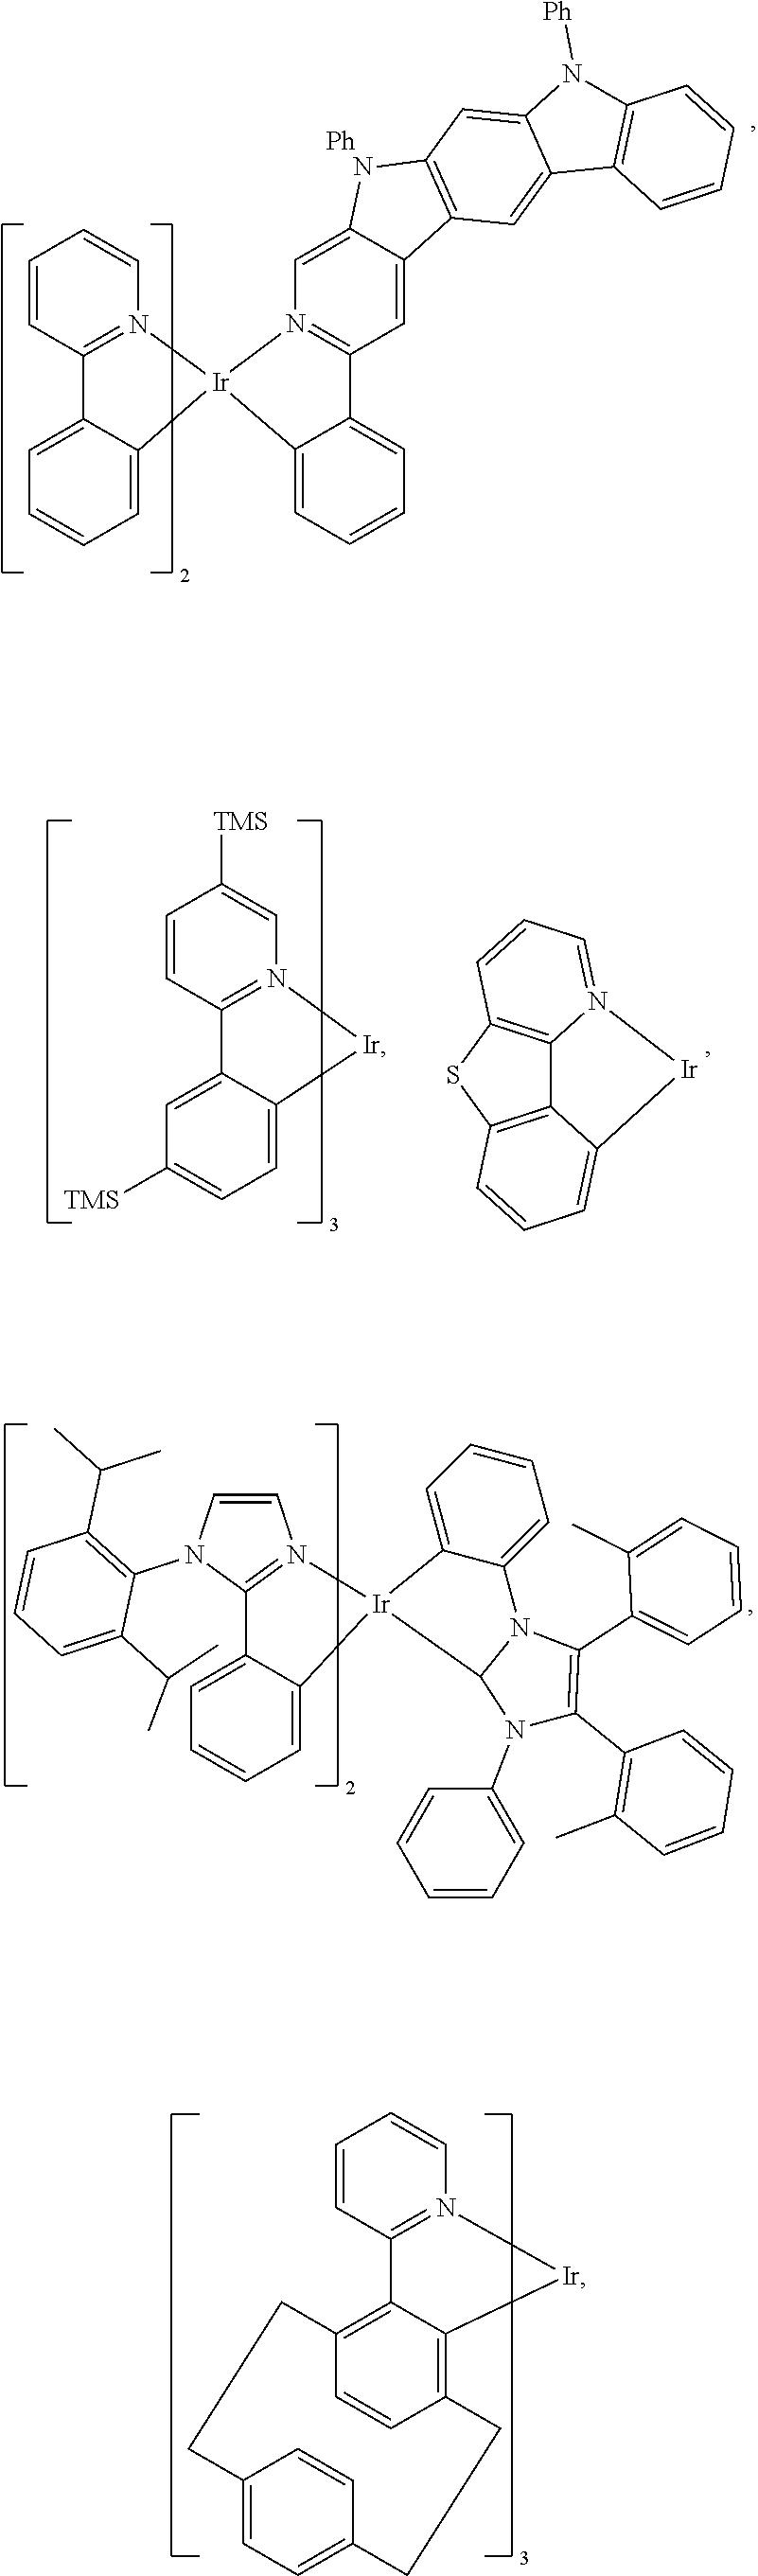 Figure US10301338-20190528-C00099